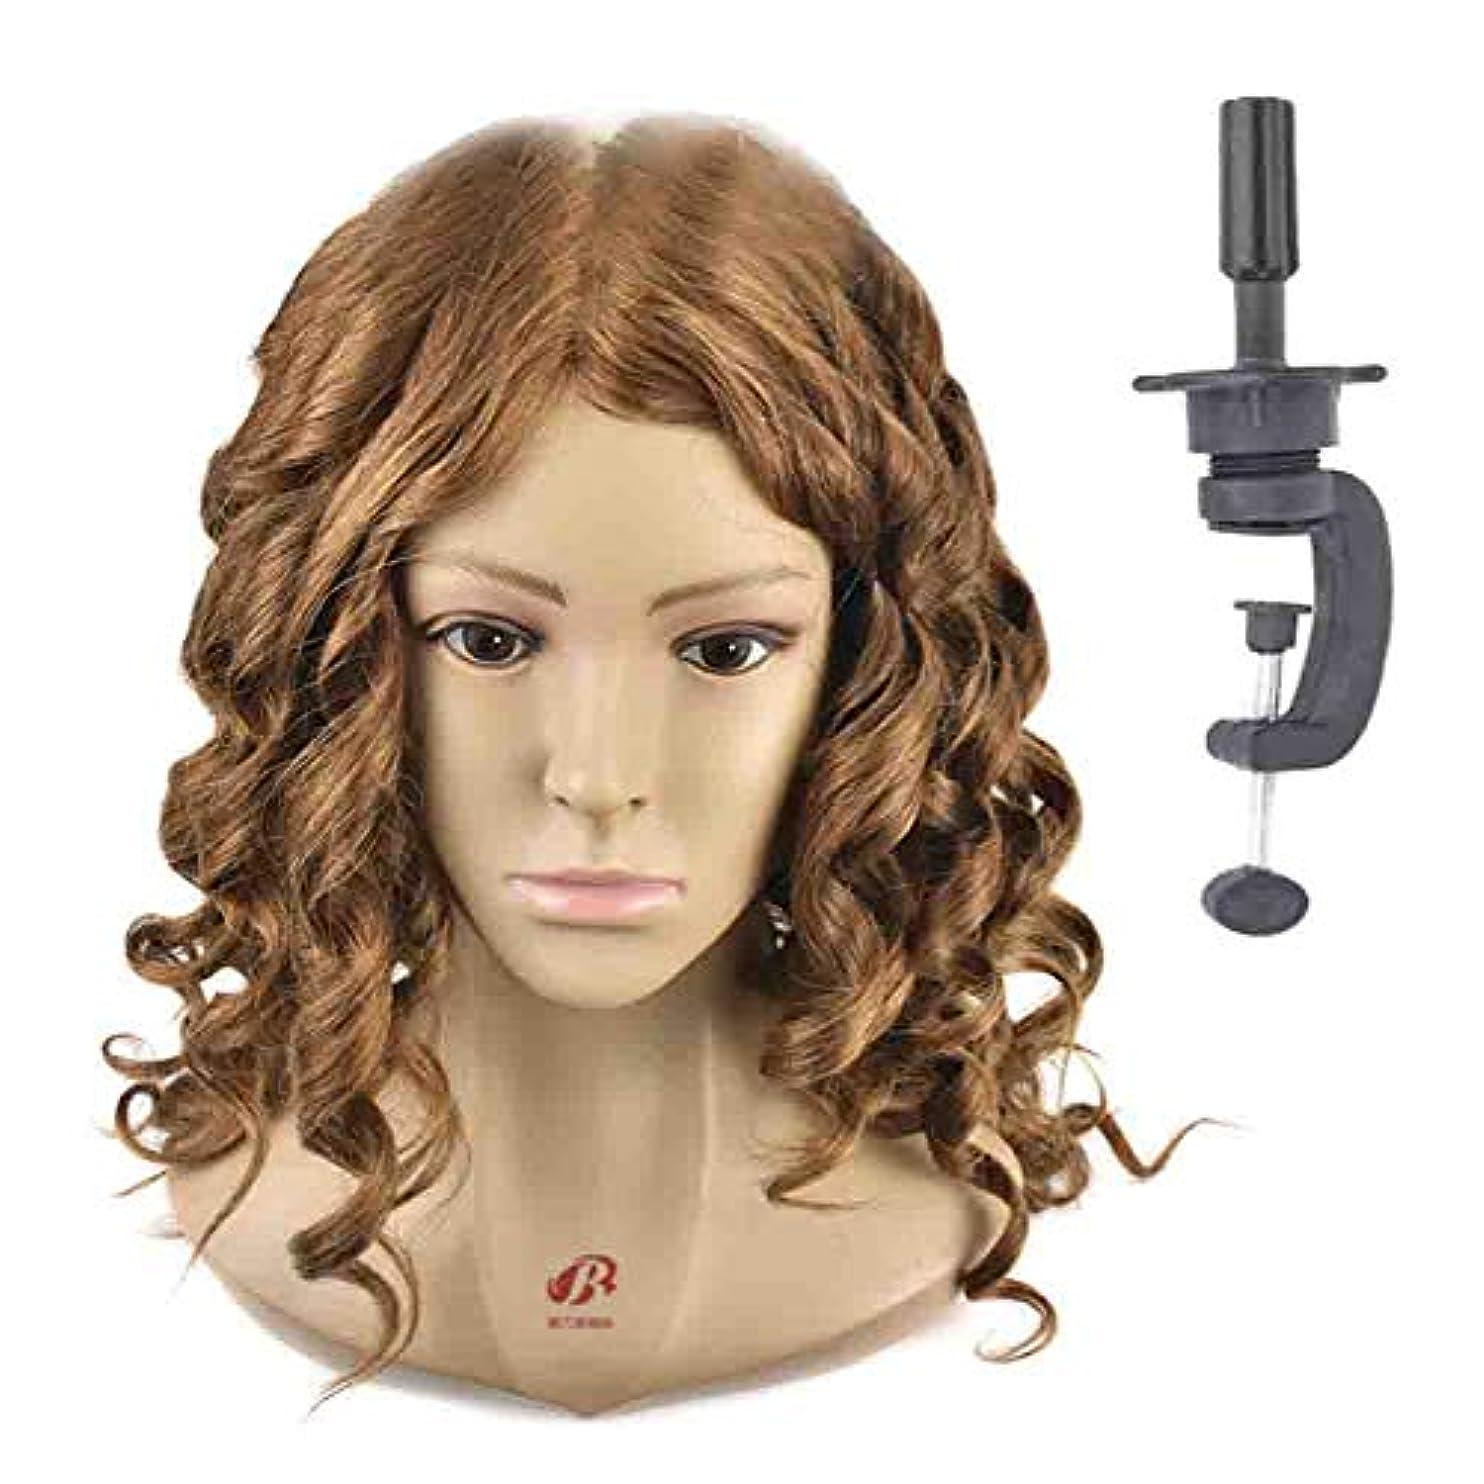 プロフェッショナルなんとなく認識ヘアマネキンヘッド練習ディスク髪編組ヘッドモデル理髪店学校教育かつらヘッドバンドブラケット